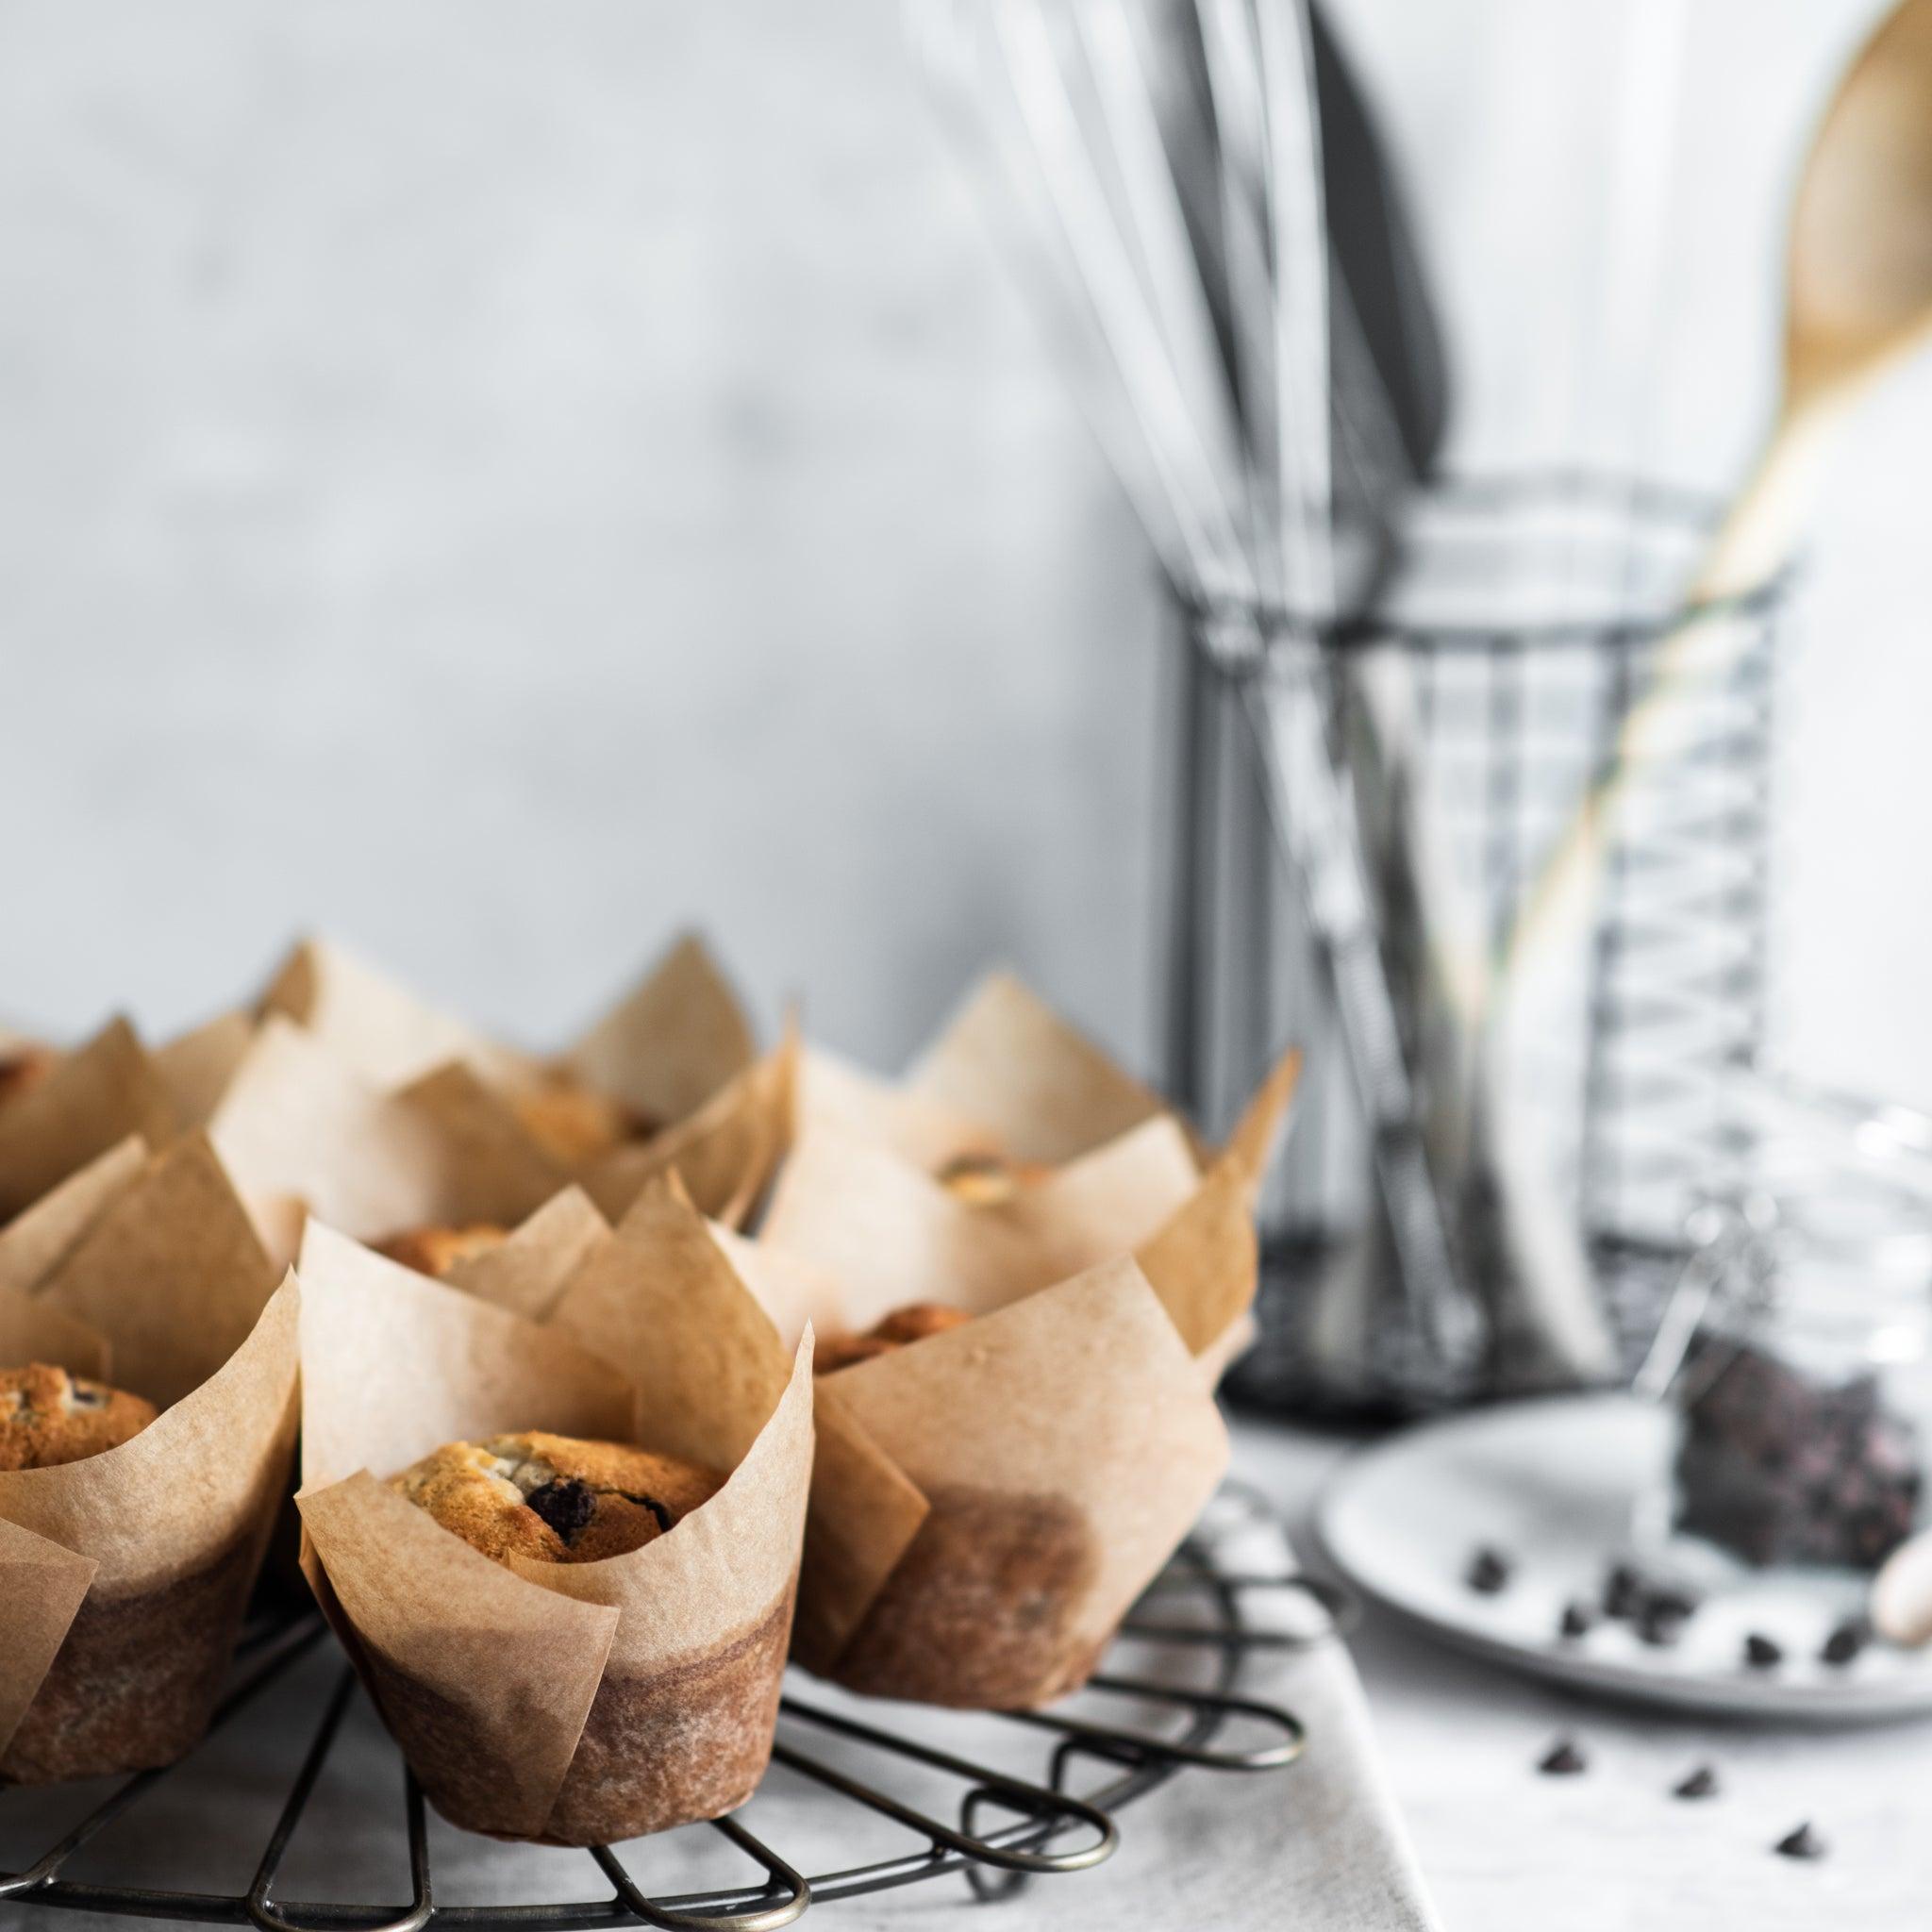 Banana-Chocolate-Chip-Muffins-SQUARE-4.jpg